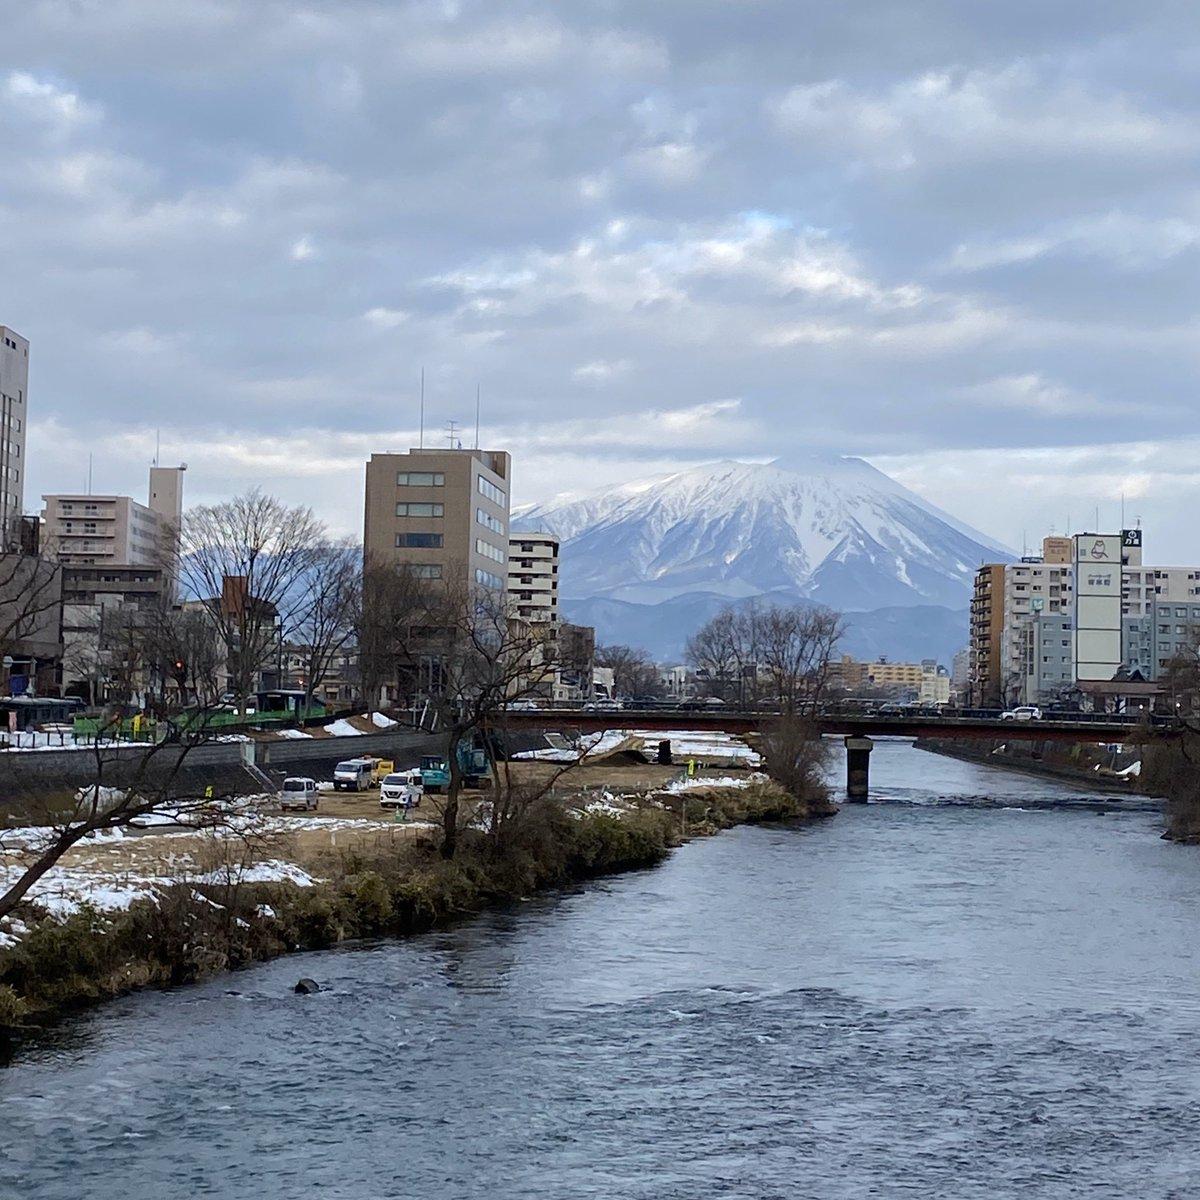 2020/01/15 盛岡市の開運橋から撮影。みなさま、体調管理に気をつけてお過ごしください。 #岩手 #盛岡 #北上川 #岩手においでよ #小正月